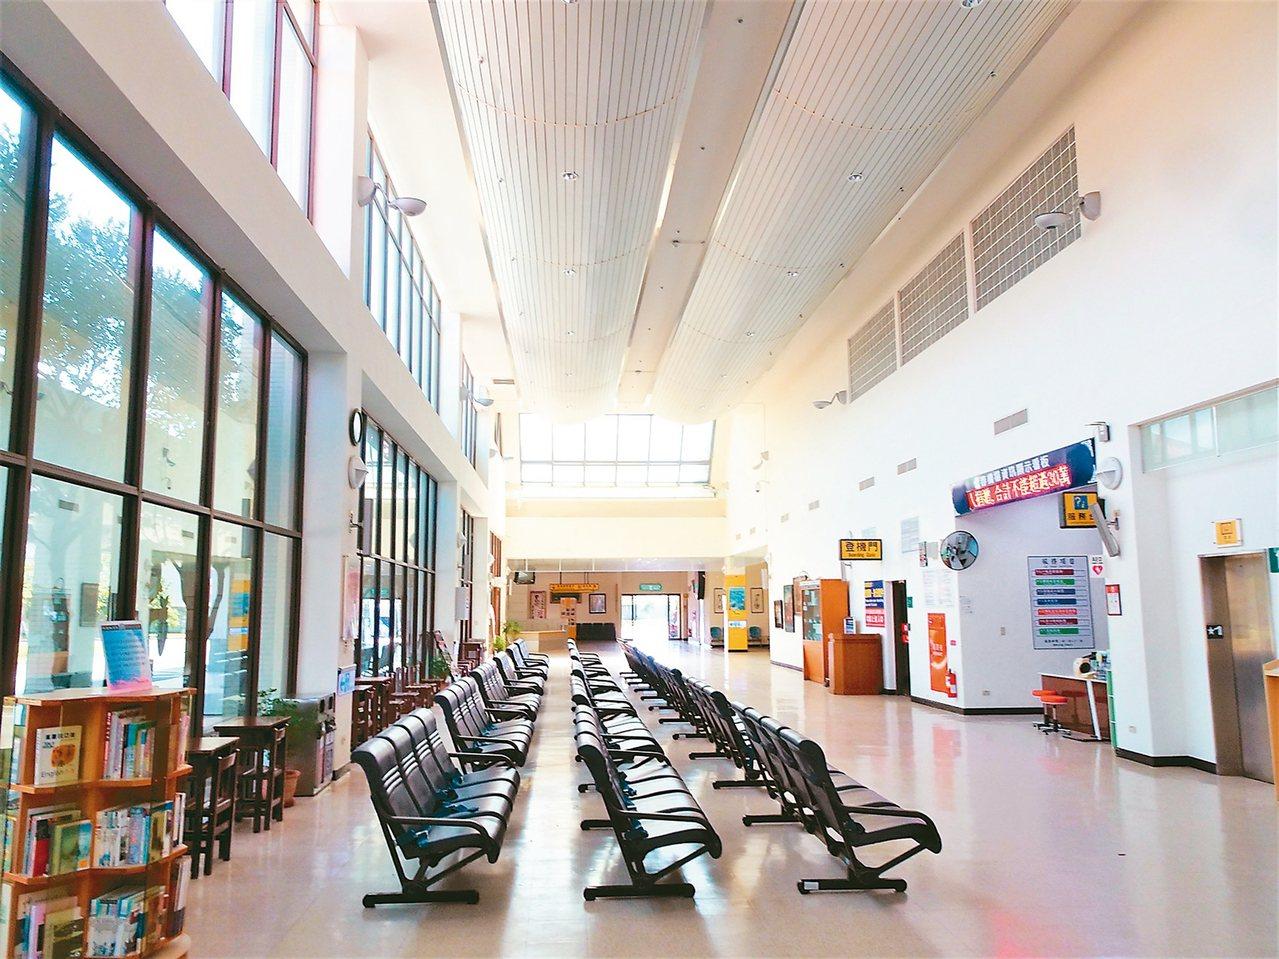 恆春機場受高鐵營運和天候影響起降等因素,2014年9月停飛,衍生存廢爭議迄未開航...